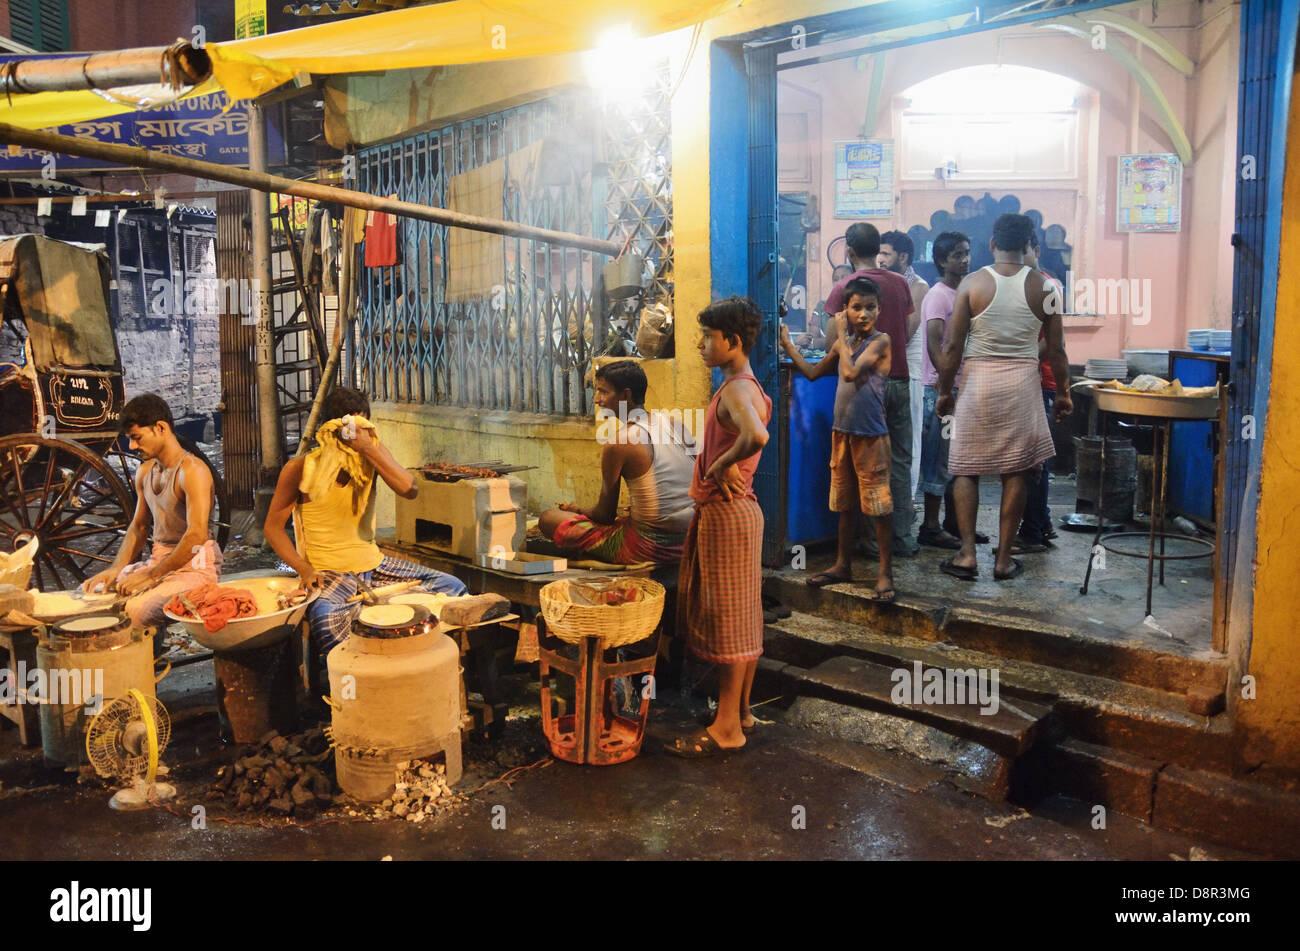 Kolkata street at night, India - Stock Image